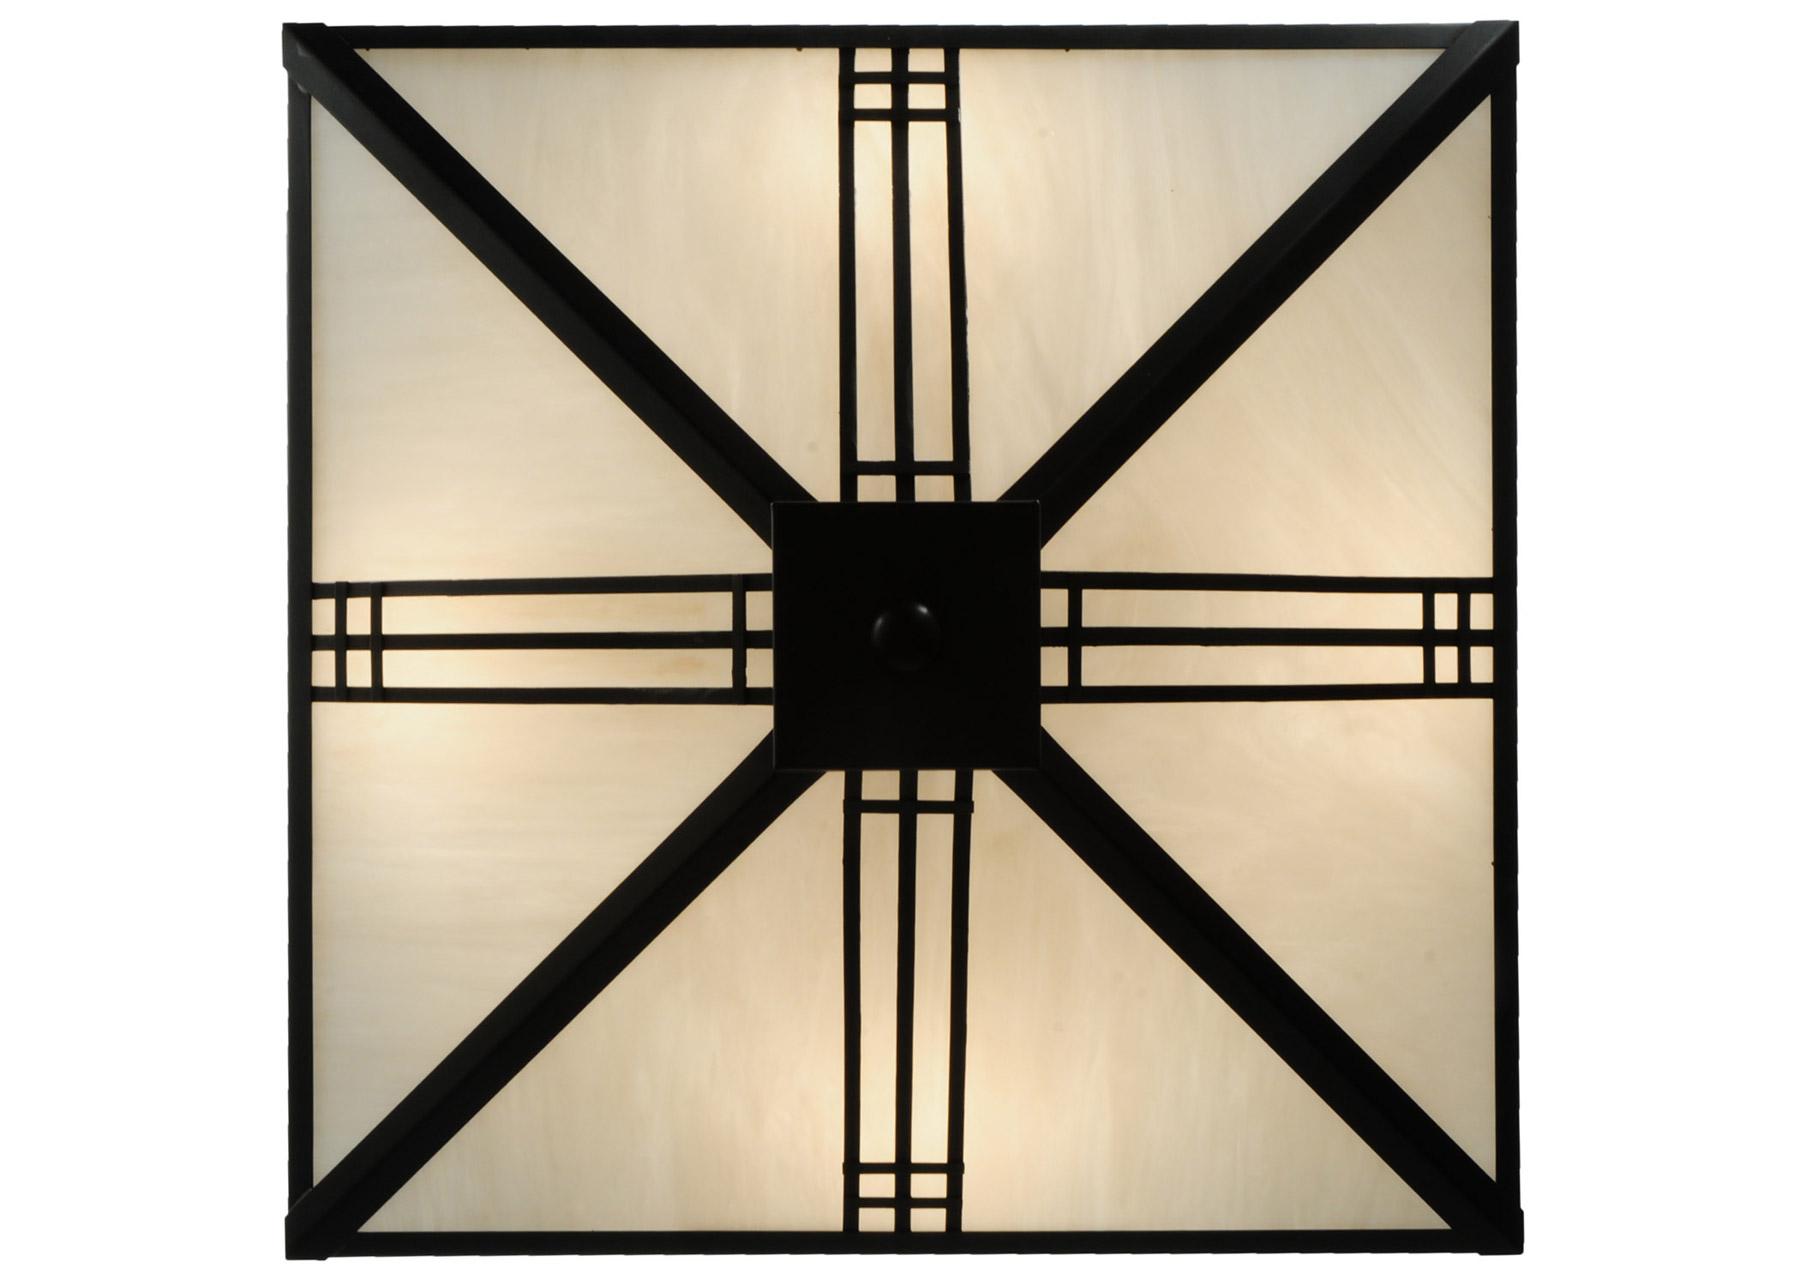 Meyda 50661 Semi Flush Ceiling Fixture